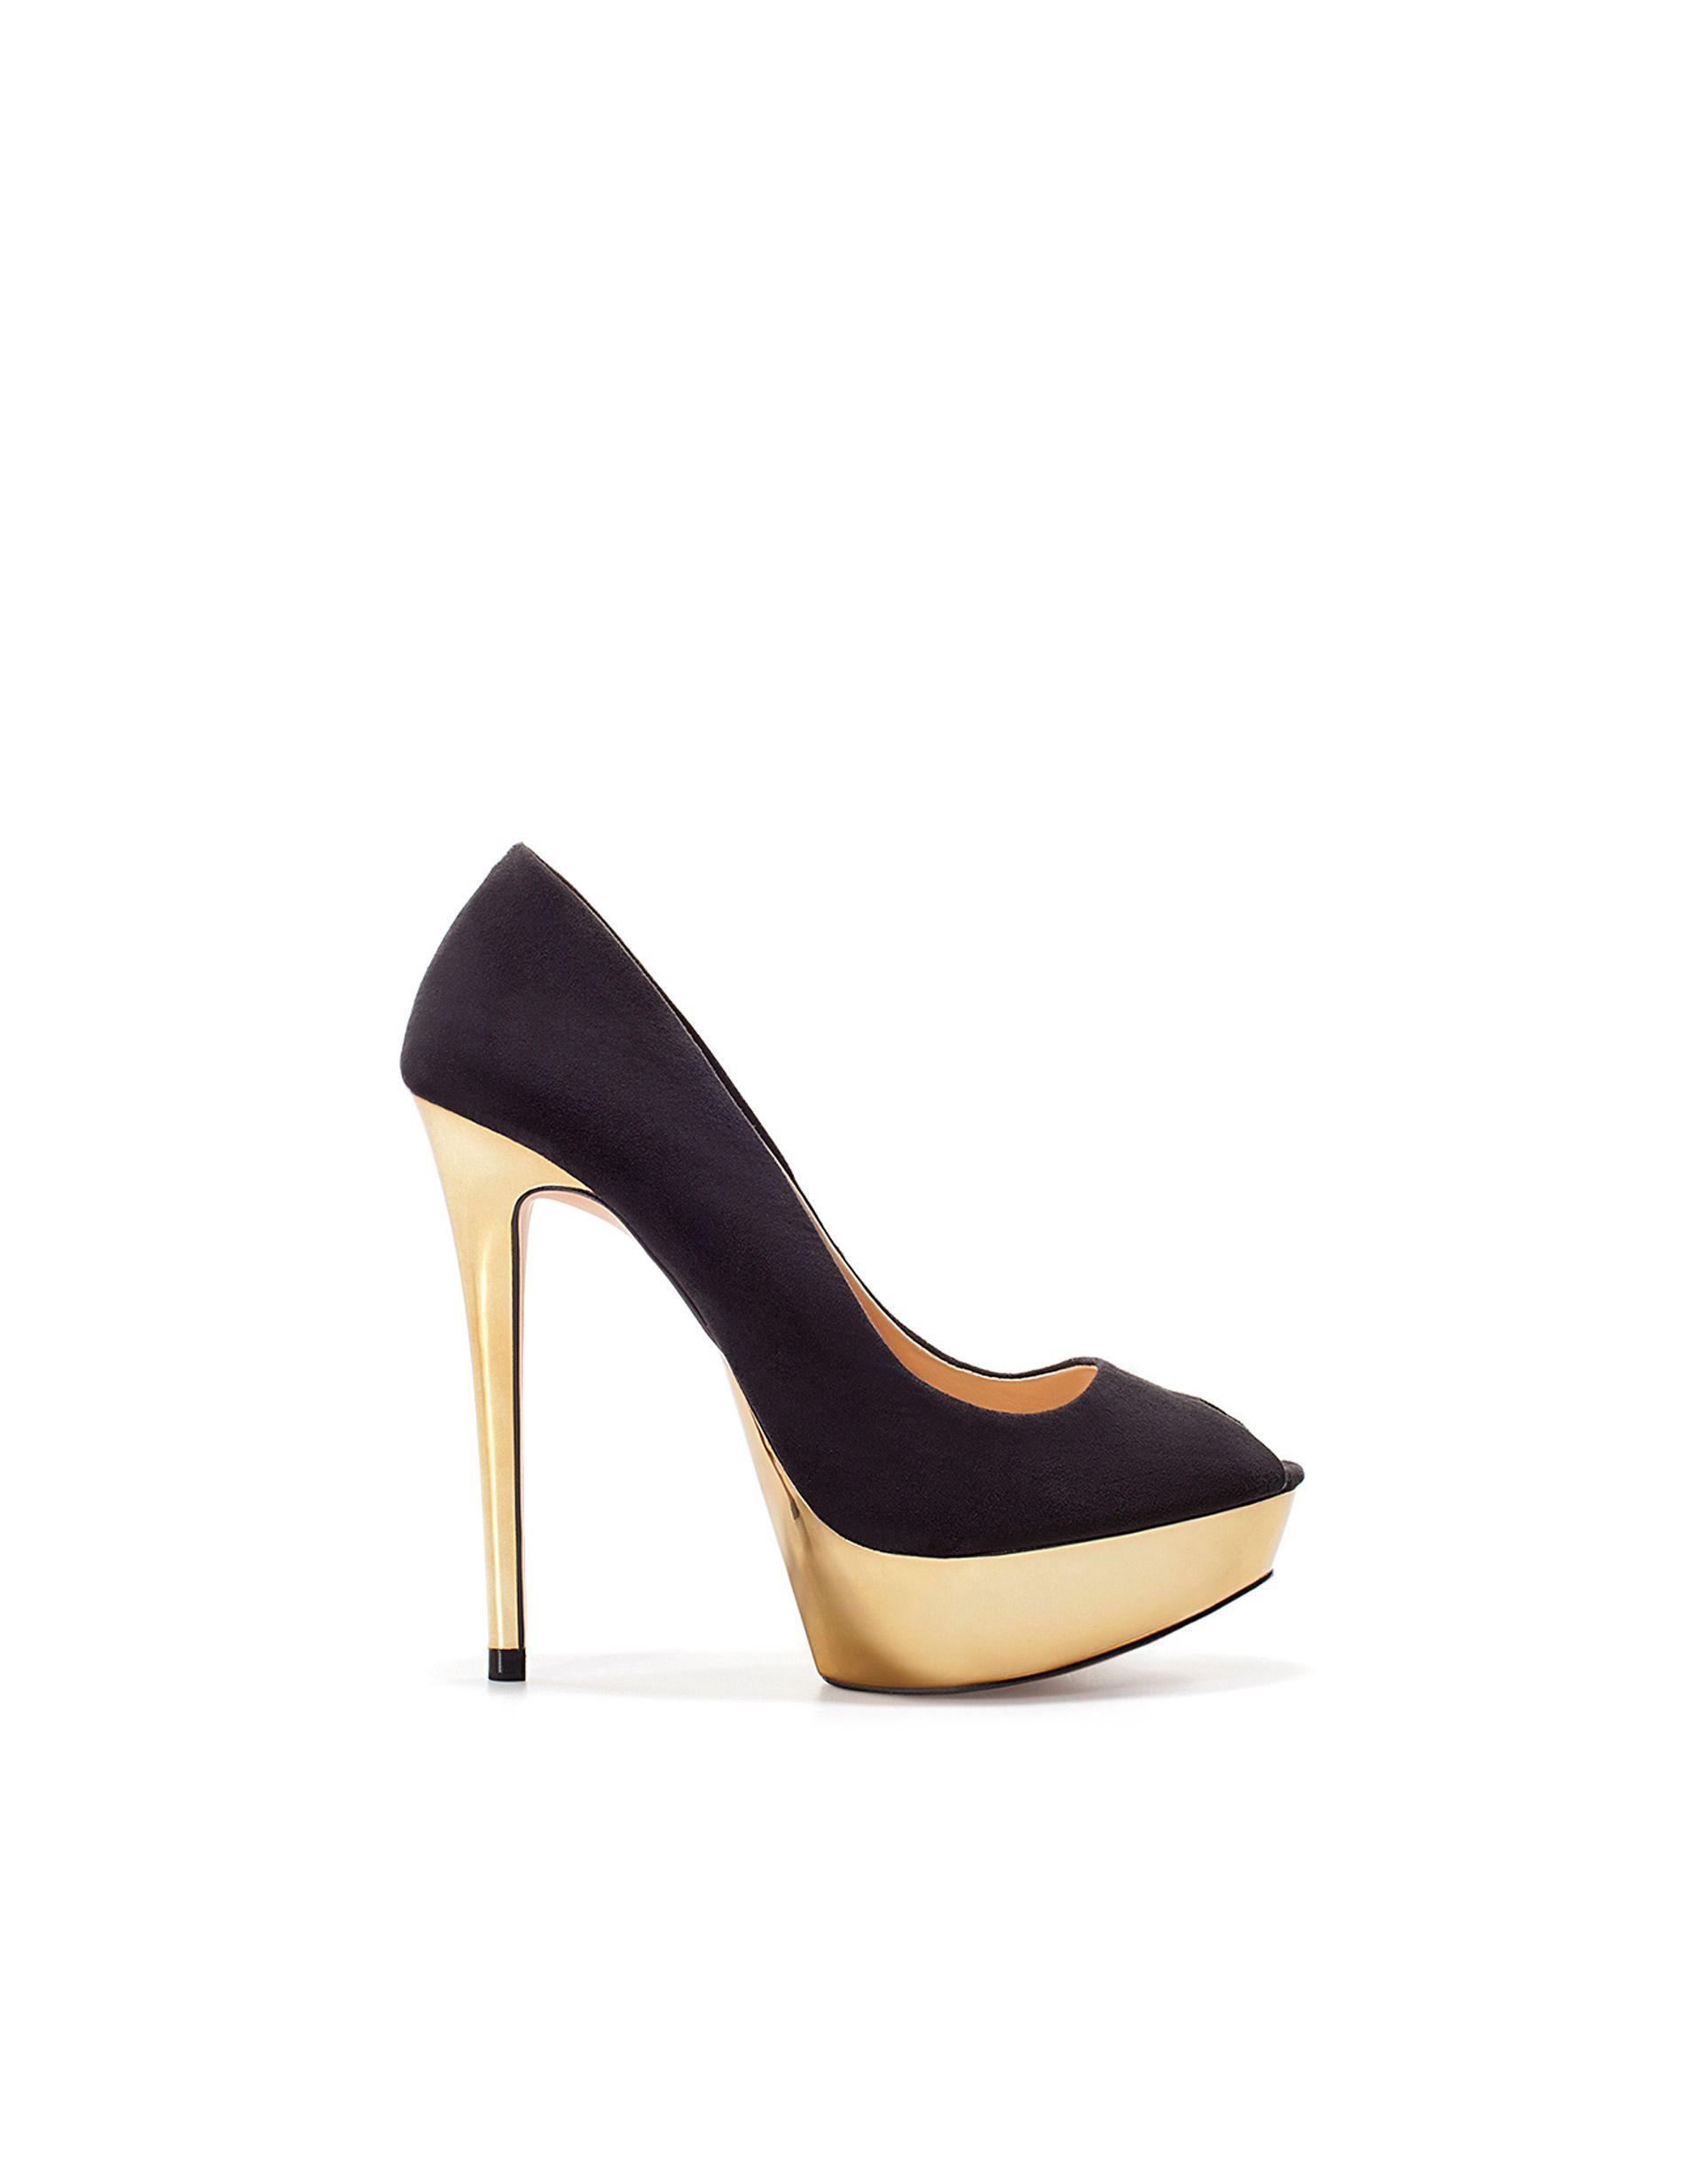 0e0fc7736a4 PEEP TOE PLATAFORMA METAL - Zapatos - Mujer - Nueva colección - ZARA México